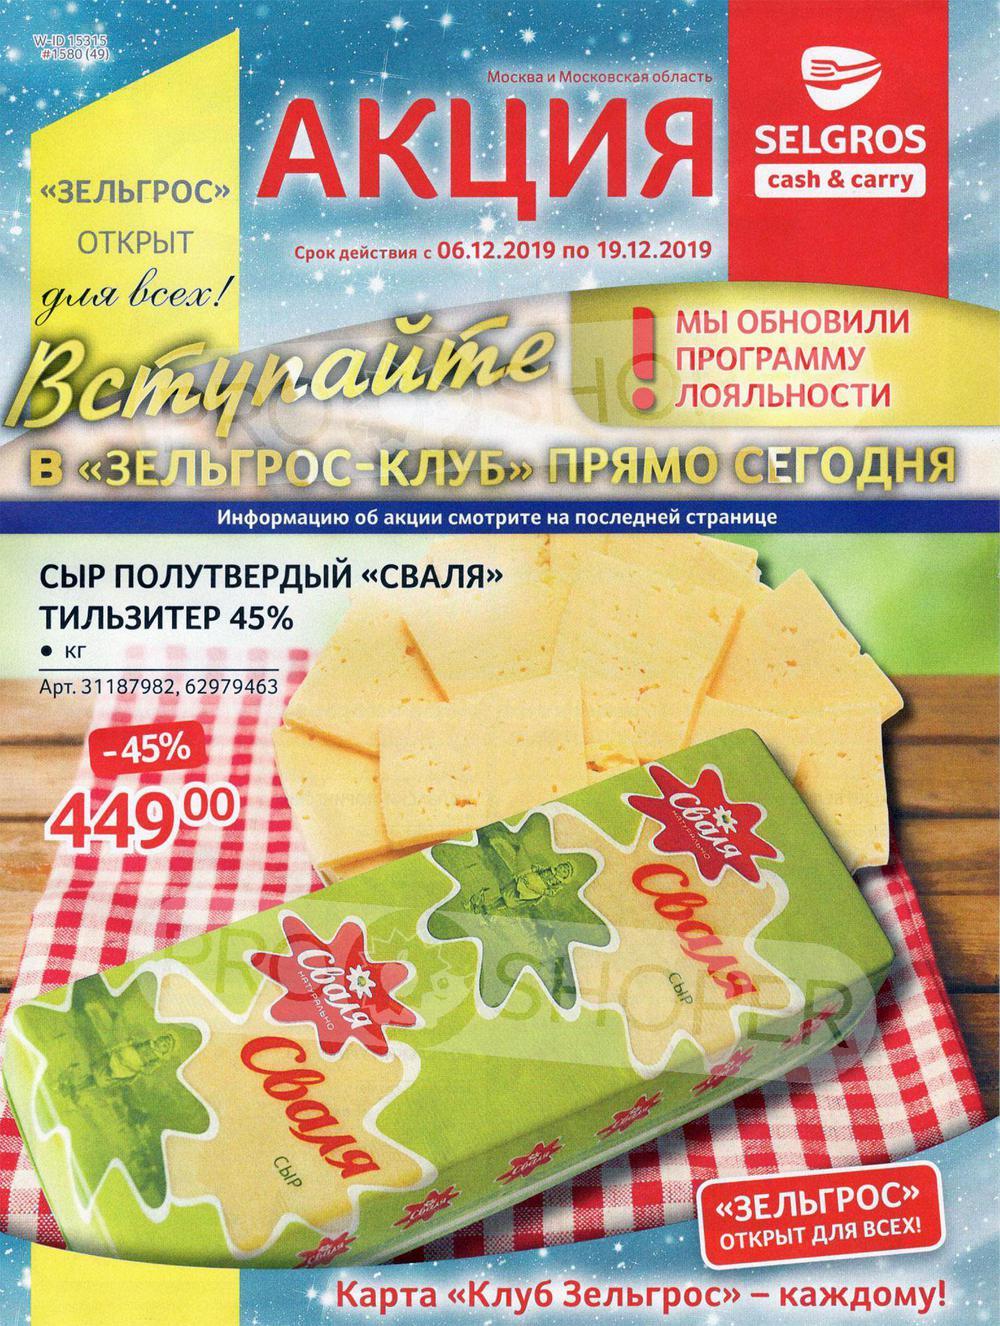 Клубы на сегодня в москве каталог вакансии в ночных клубах челябинска